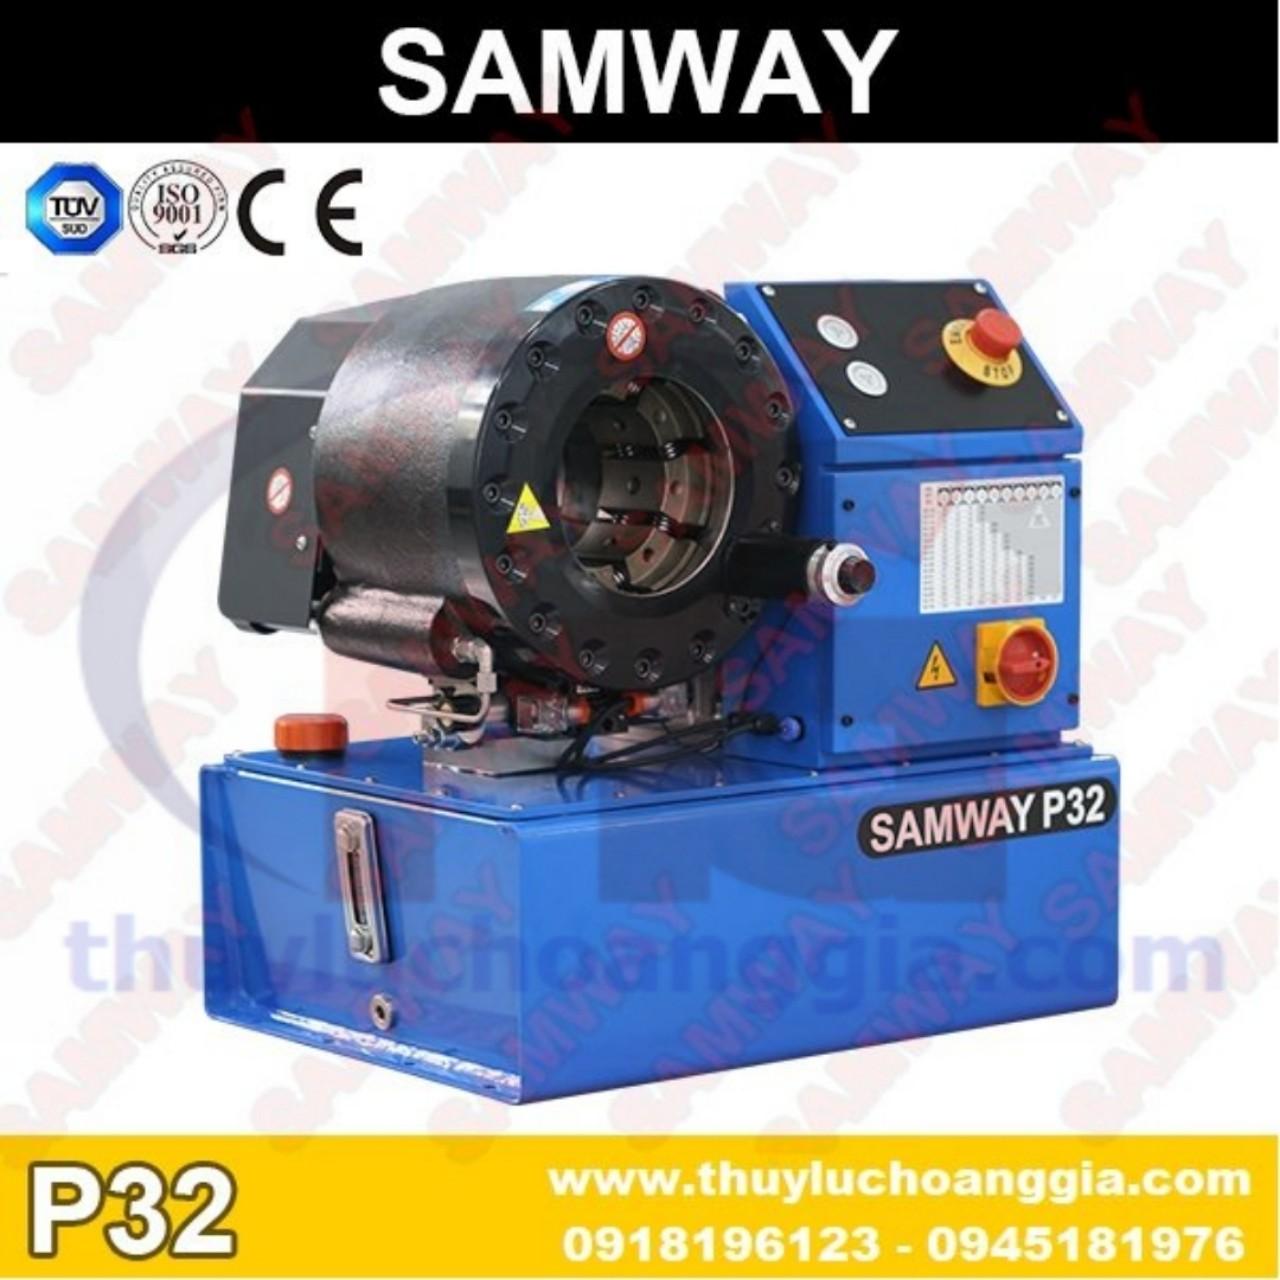 MÁY BẤM ỐNG THỦY LỰC SAMWAY P32